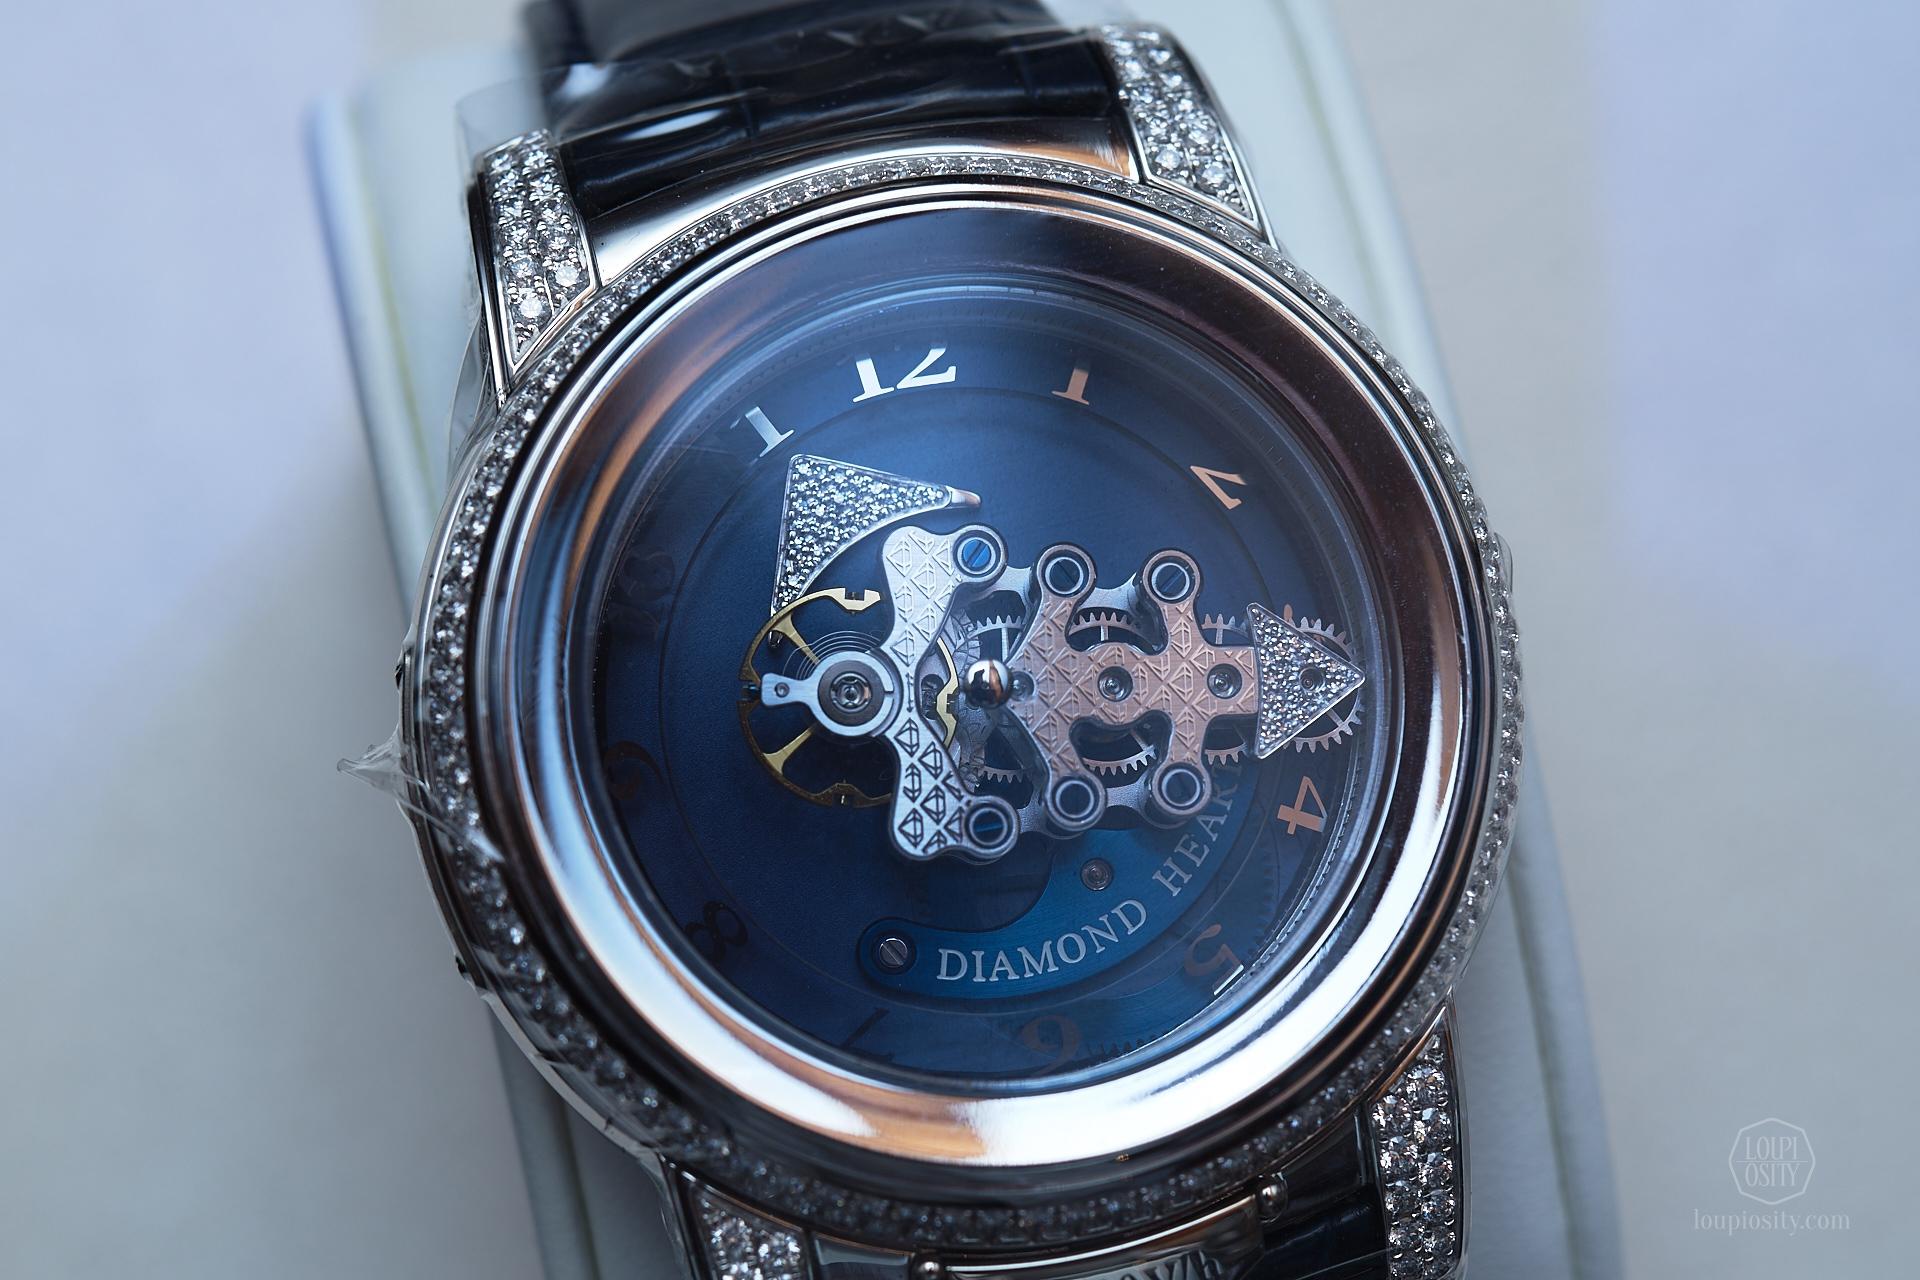 Ulysse Nardin Freak 28'800 V/h Diamond Heart